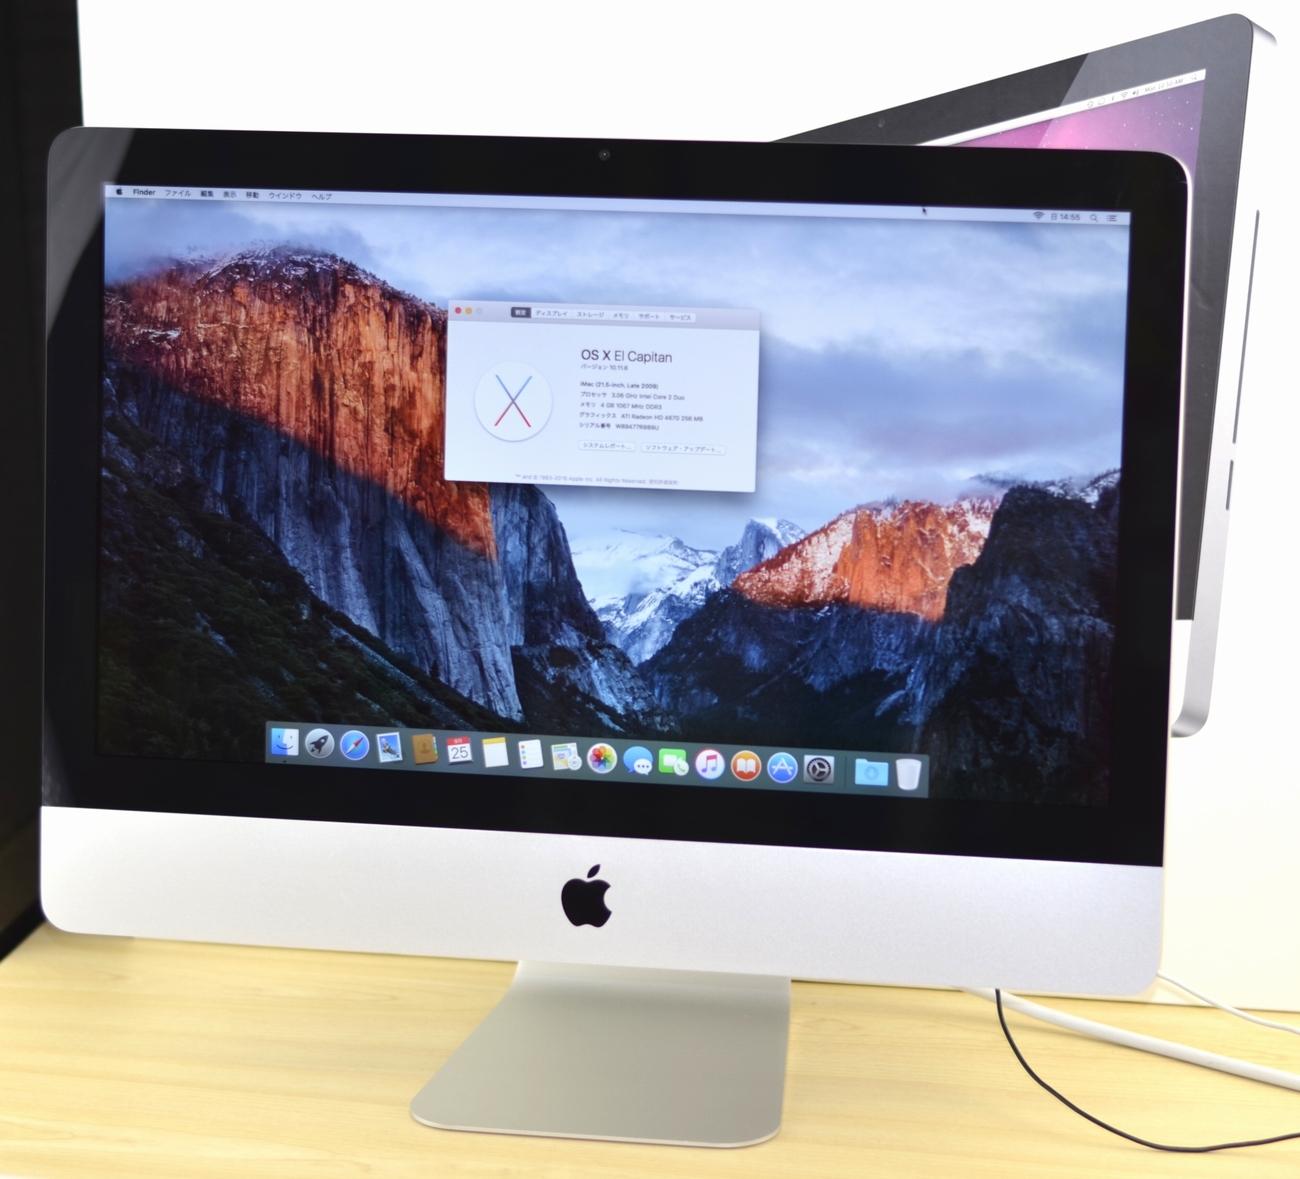 iMac 21.5-inch買取ました!Late 2009 MC413J/A 4GB 1TB ,Macの買取は、オンラインMac買取ストアにお任せください!